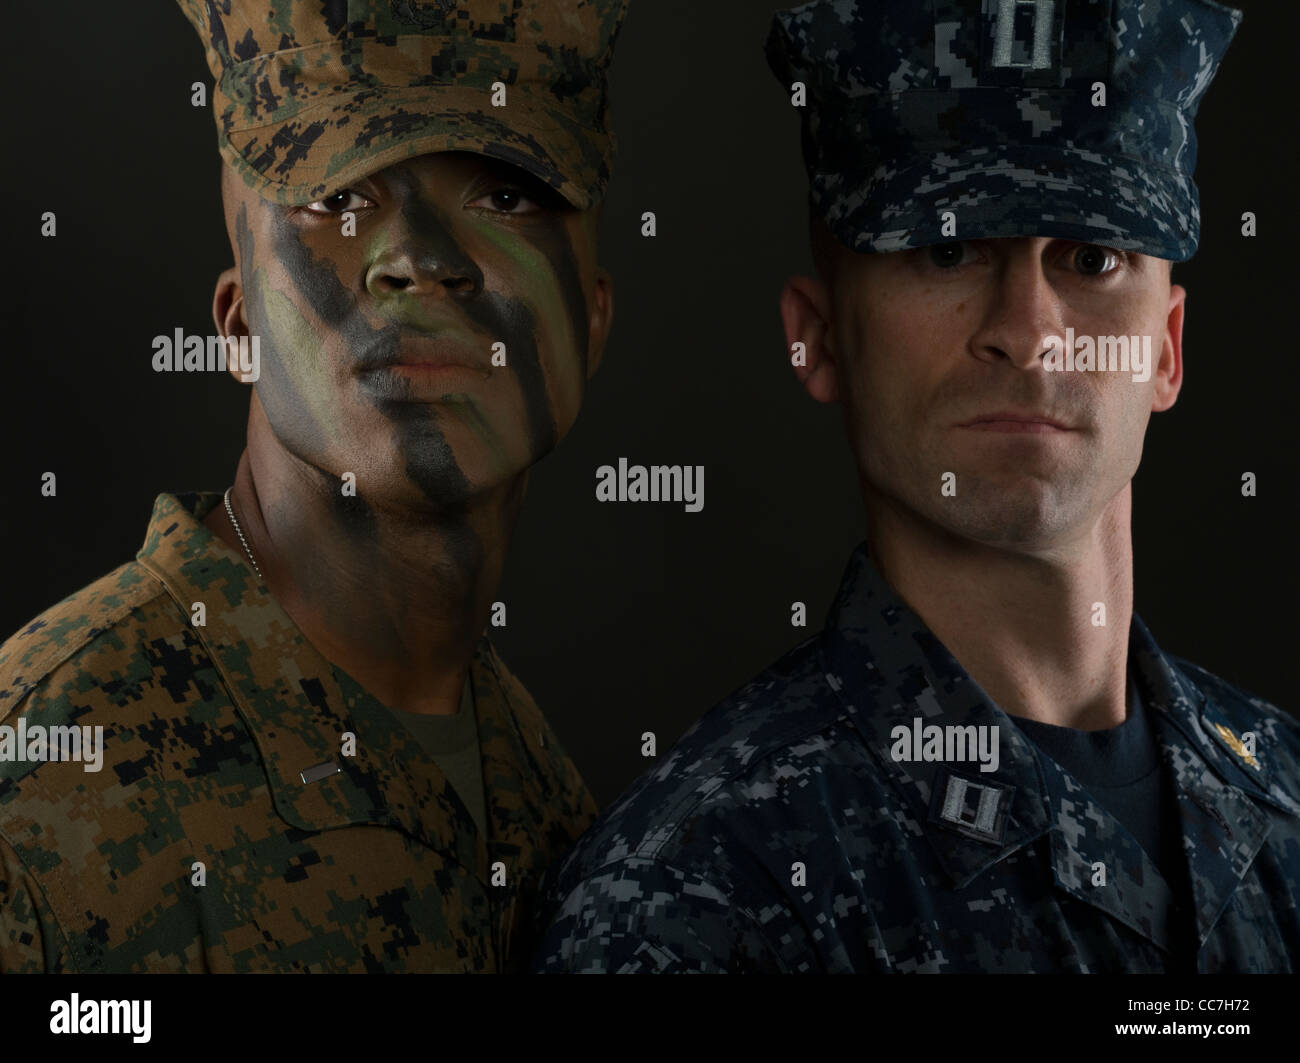 U.S. Marine Corps Officer in MARPAT digital camouflage ...